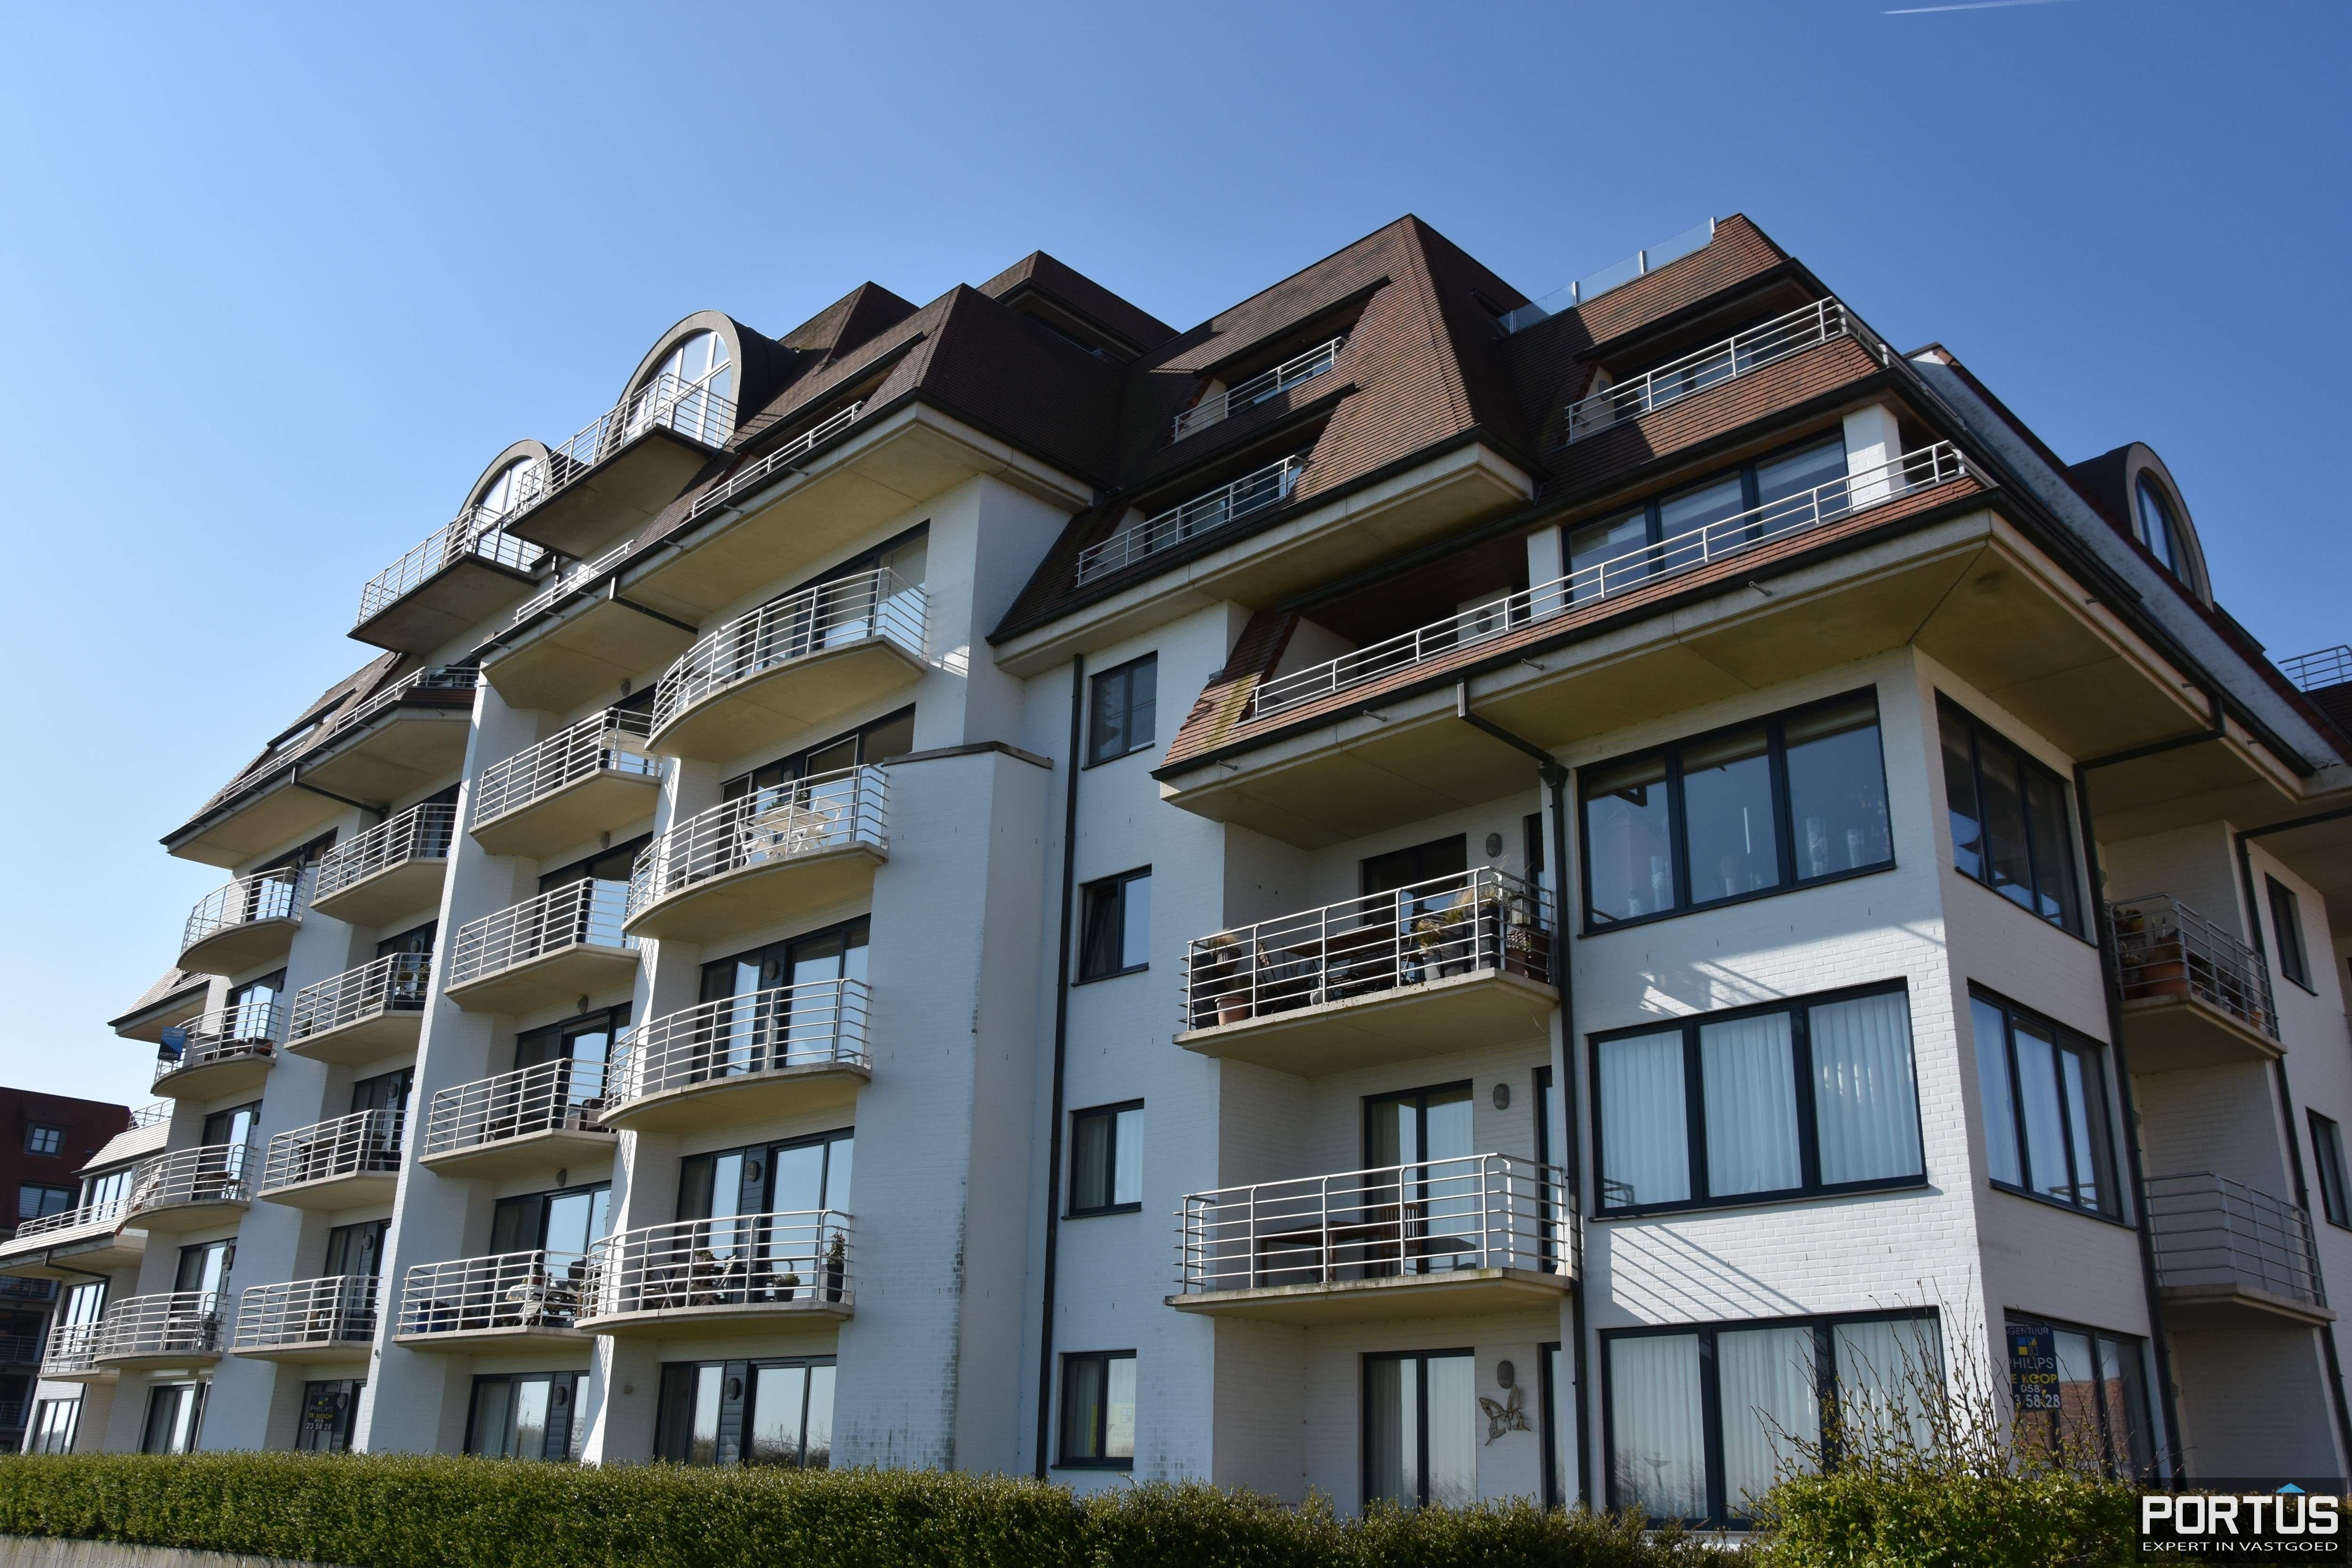 Appartement te huur met 1 slaapkamer te Nieuwpoort - 11664